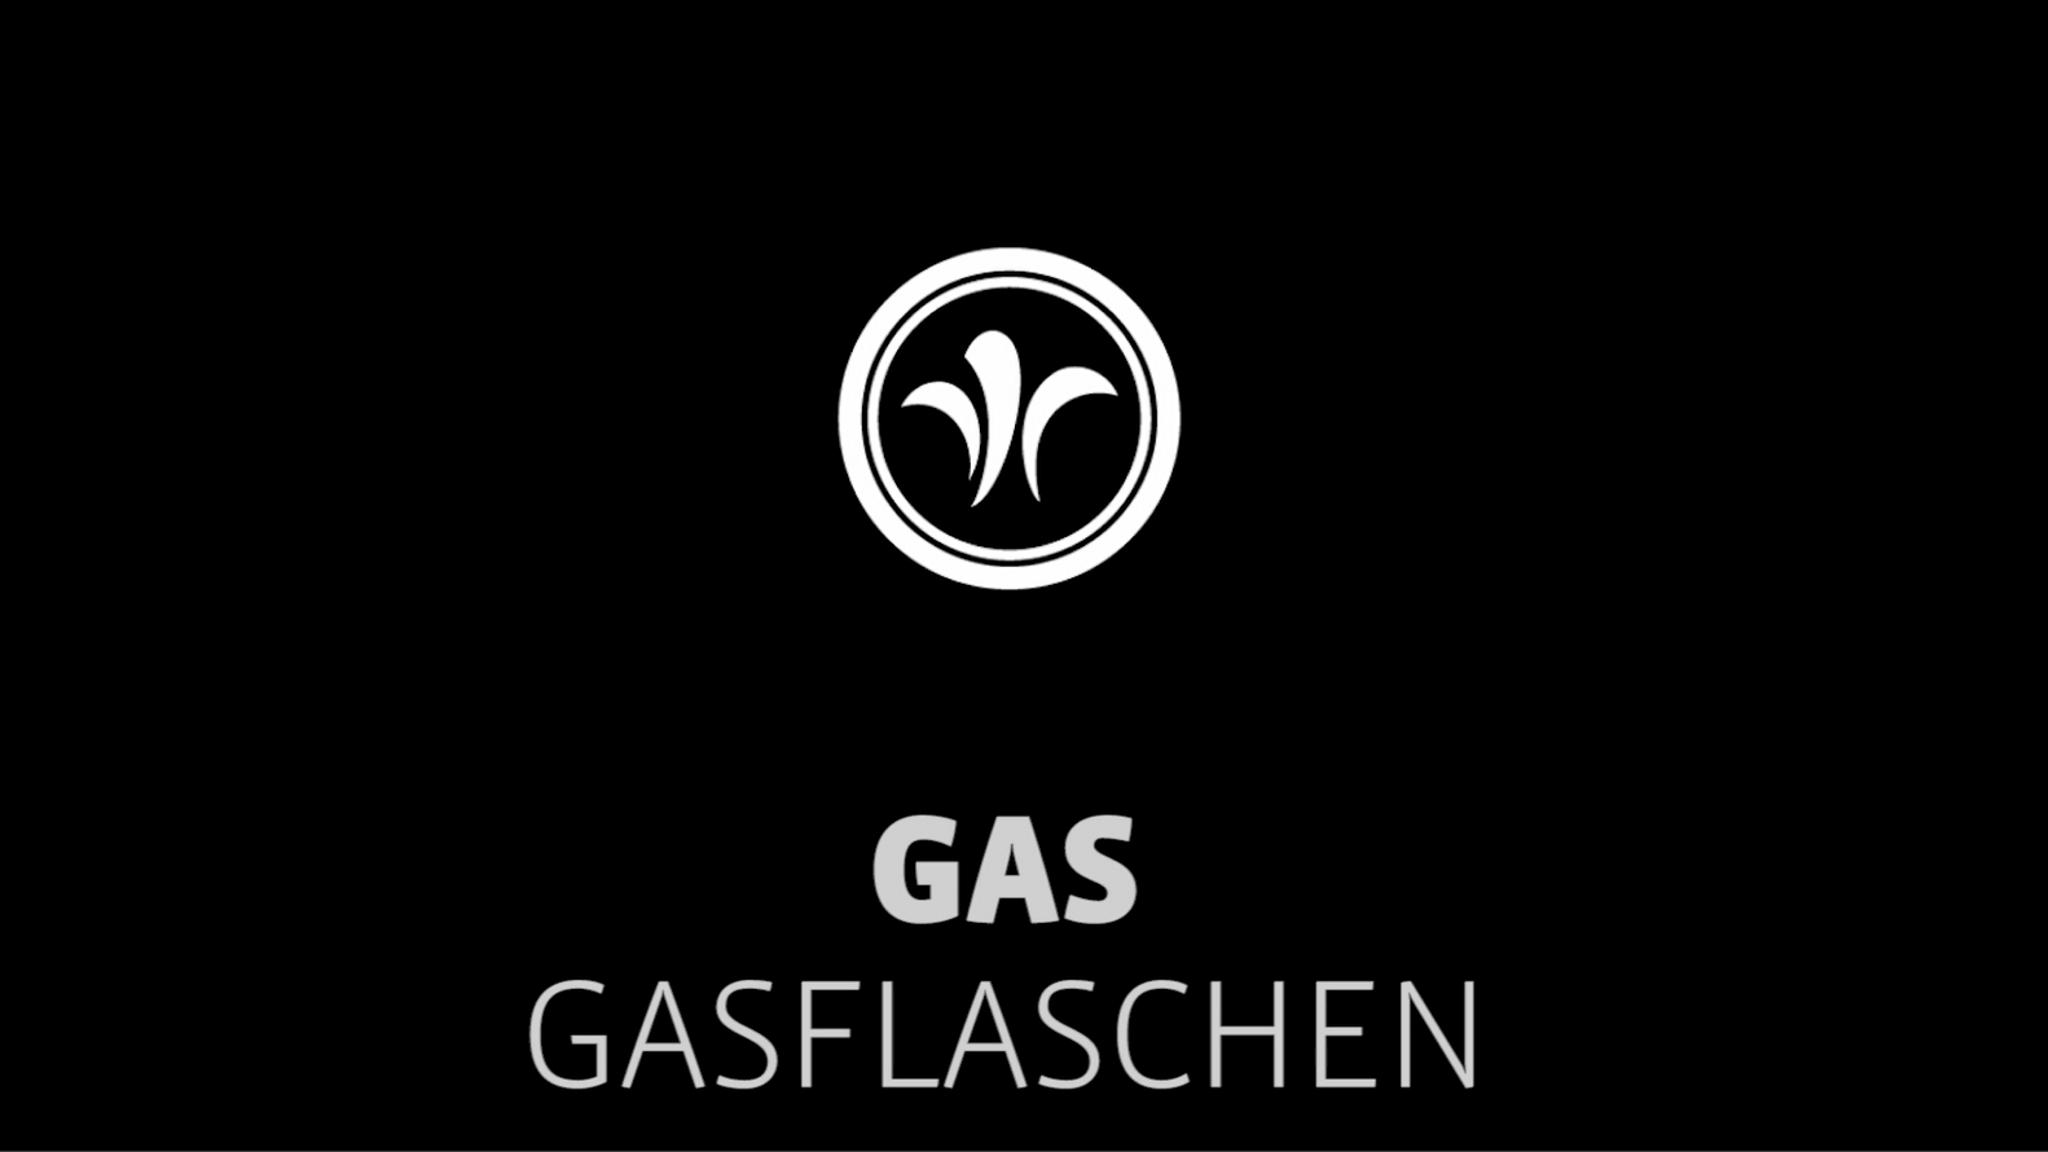 Wohnmobil Gasflasche // Niesmann+Bischoff – Luxus Wohnmobil (Modell FLAIR) // 2019 // G1